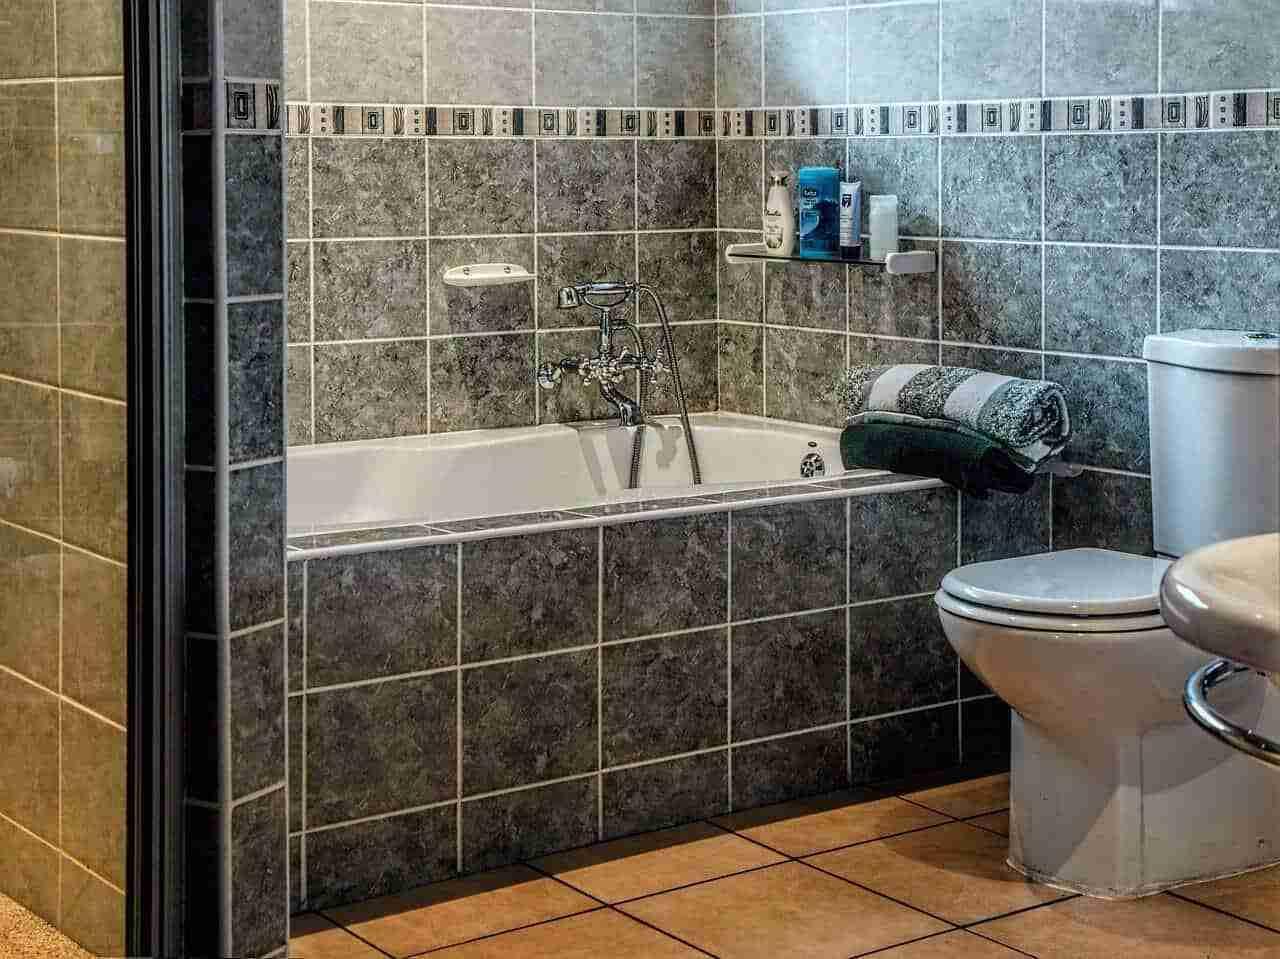 Badkamer Zonder Toilet : Badkamer toilet amsterdam isa loodgieters amsterdam